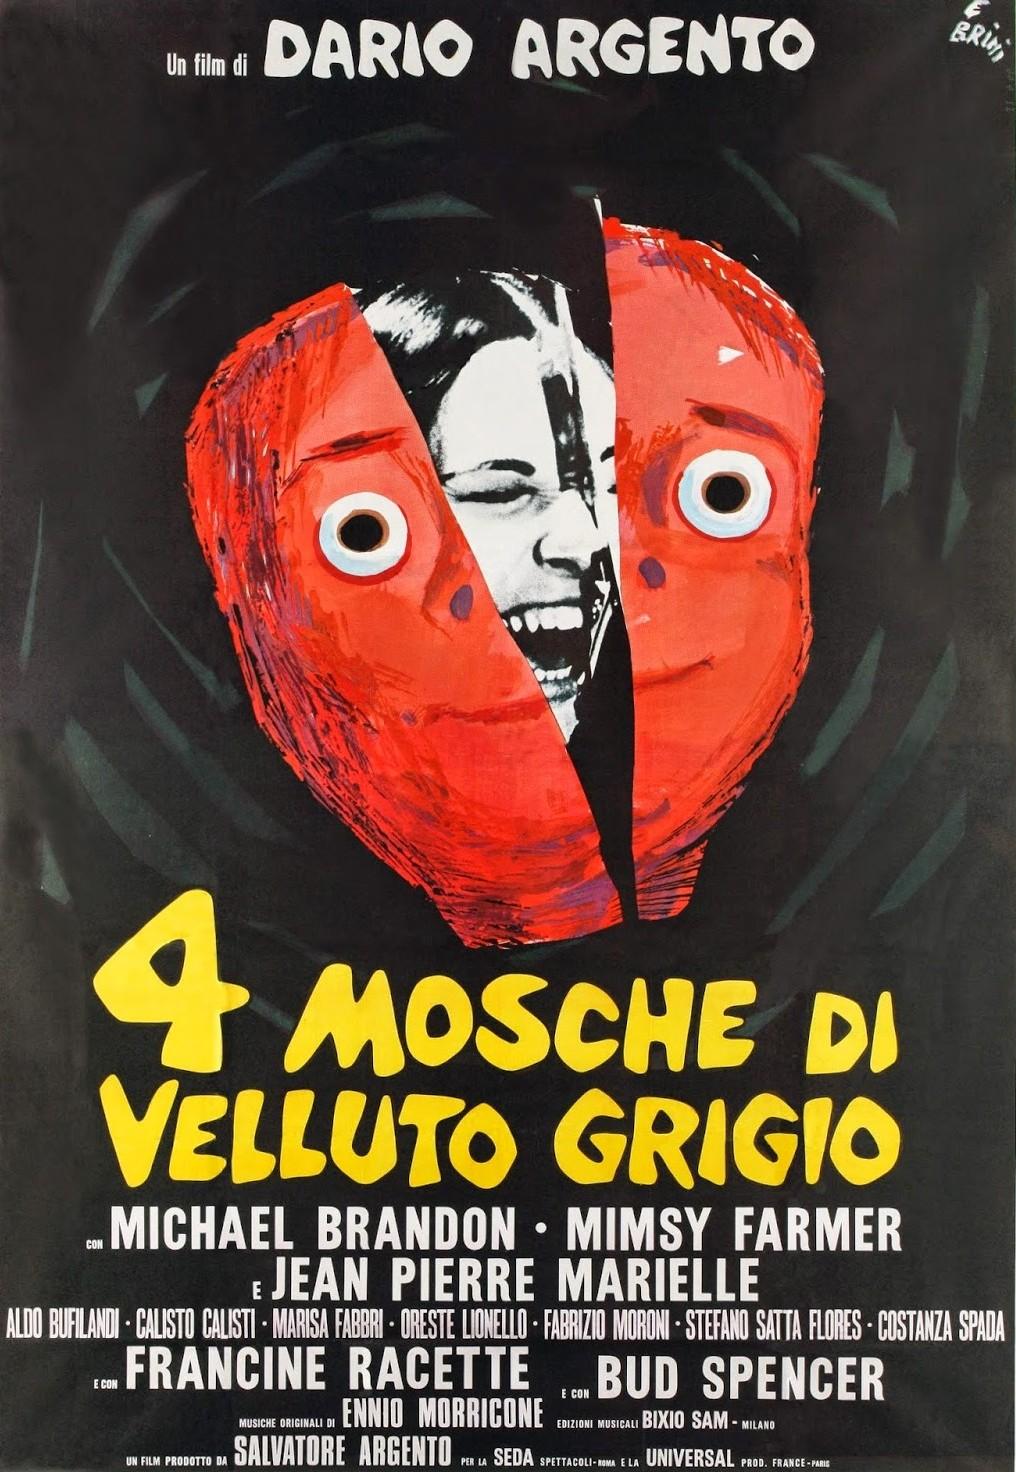 4-MOSCHE-DI-VELLUTO-GRIGIO-Italian-Poster-by-Ercole-Brini-1